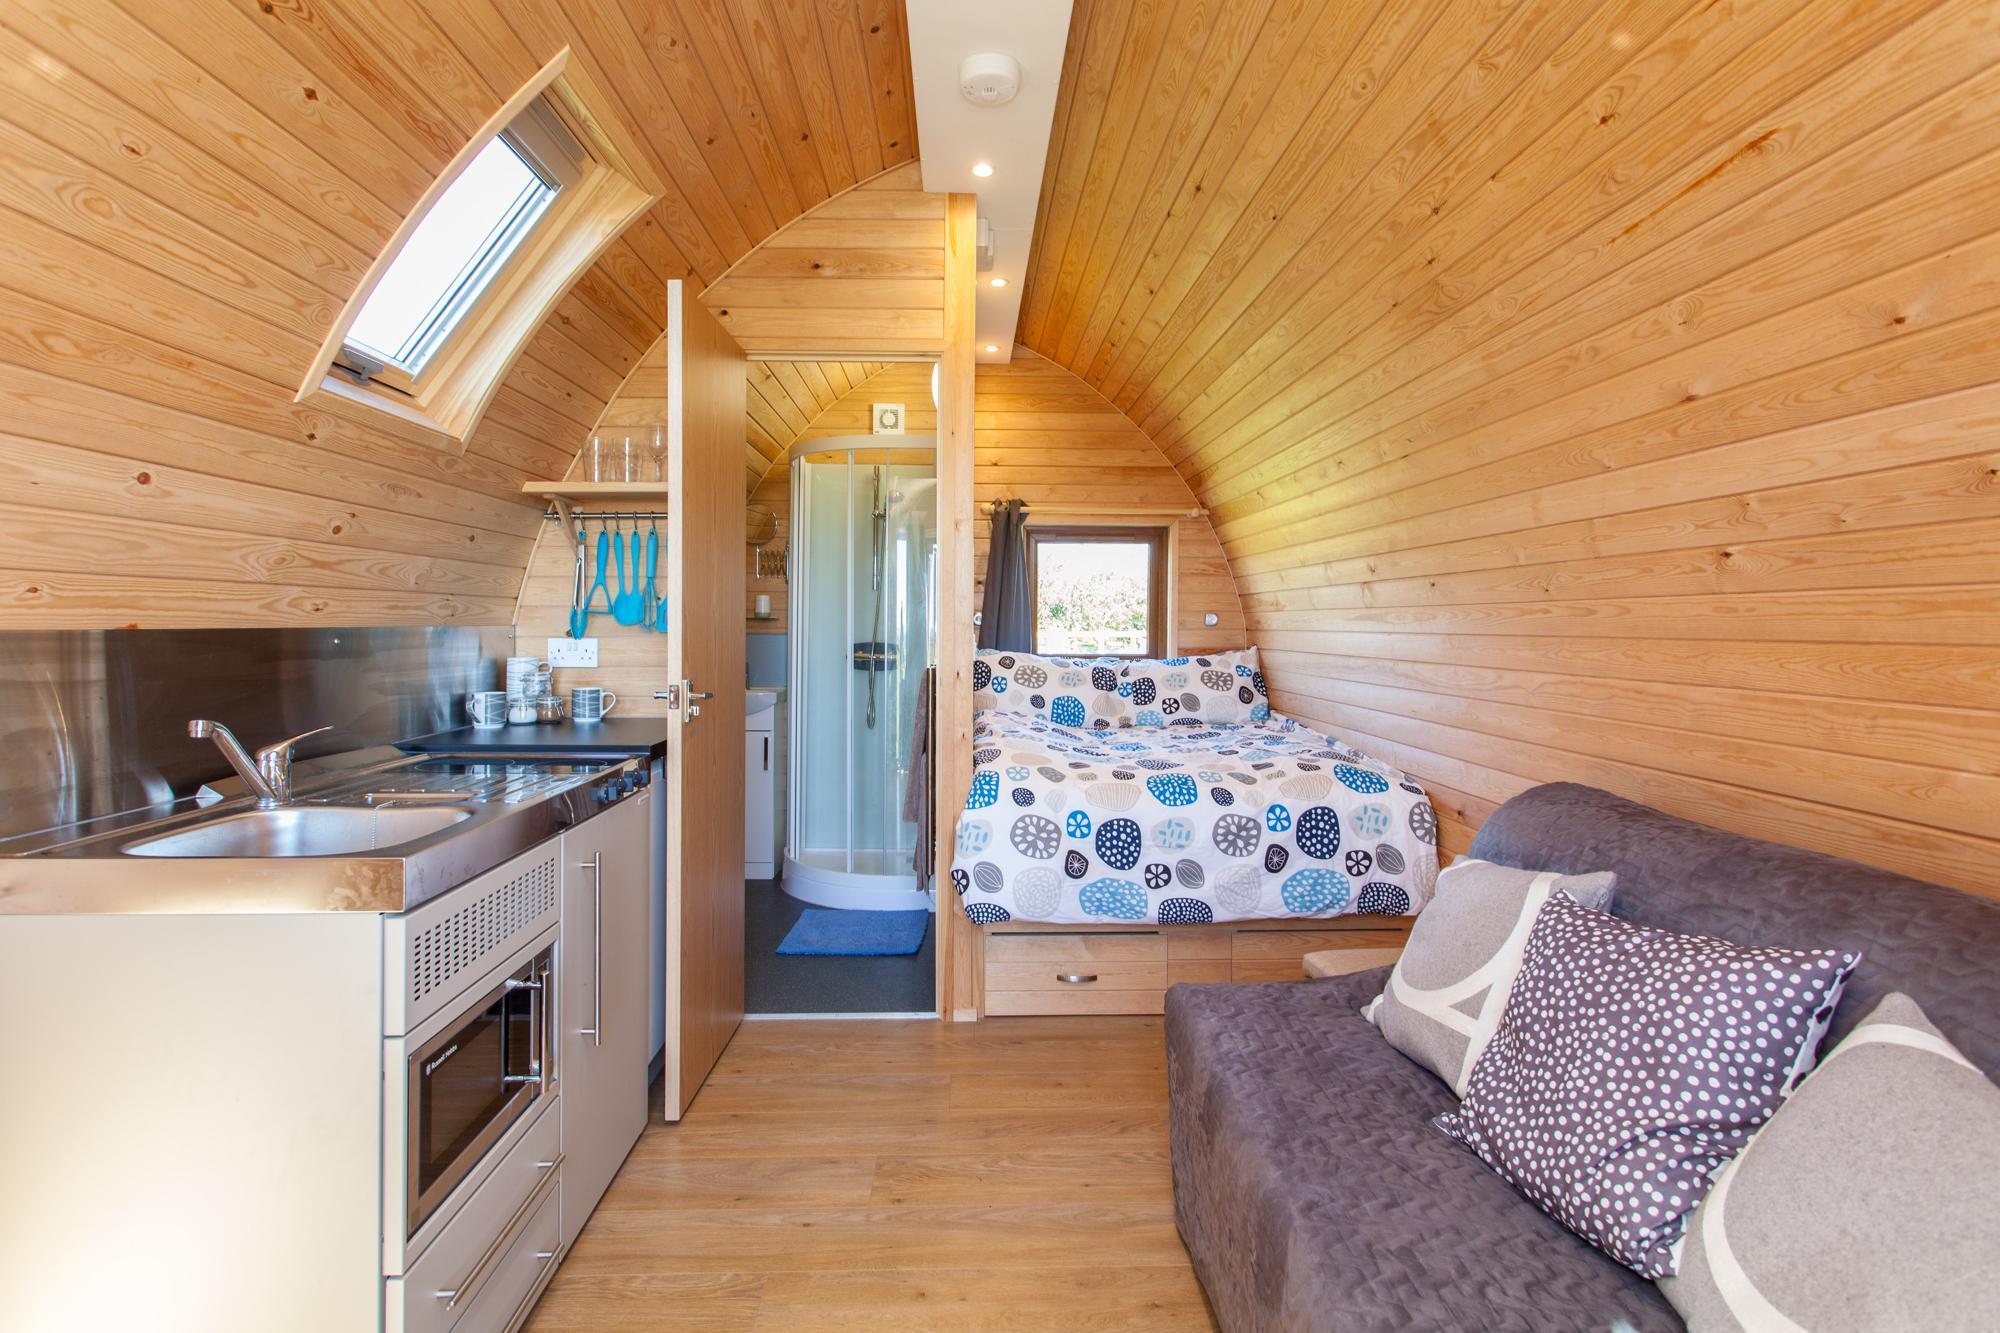 Hệ thống vệ sinh, giường, ghế sofa bên trong nhà gỗ 14m2